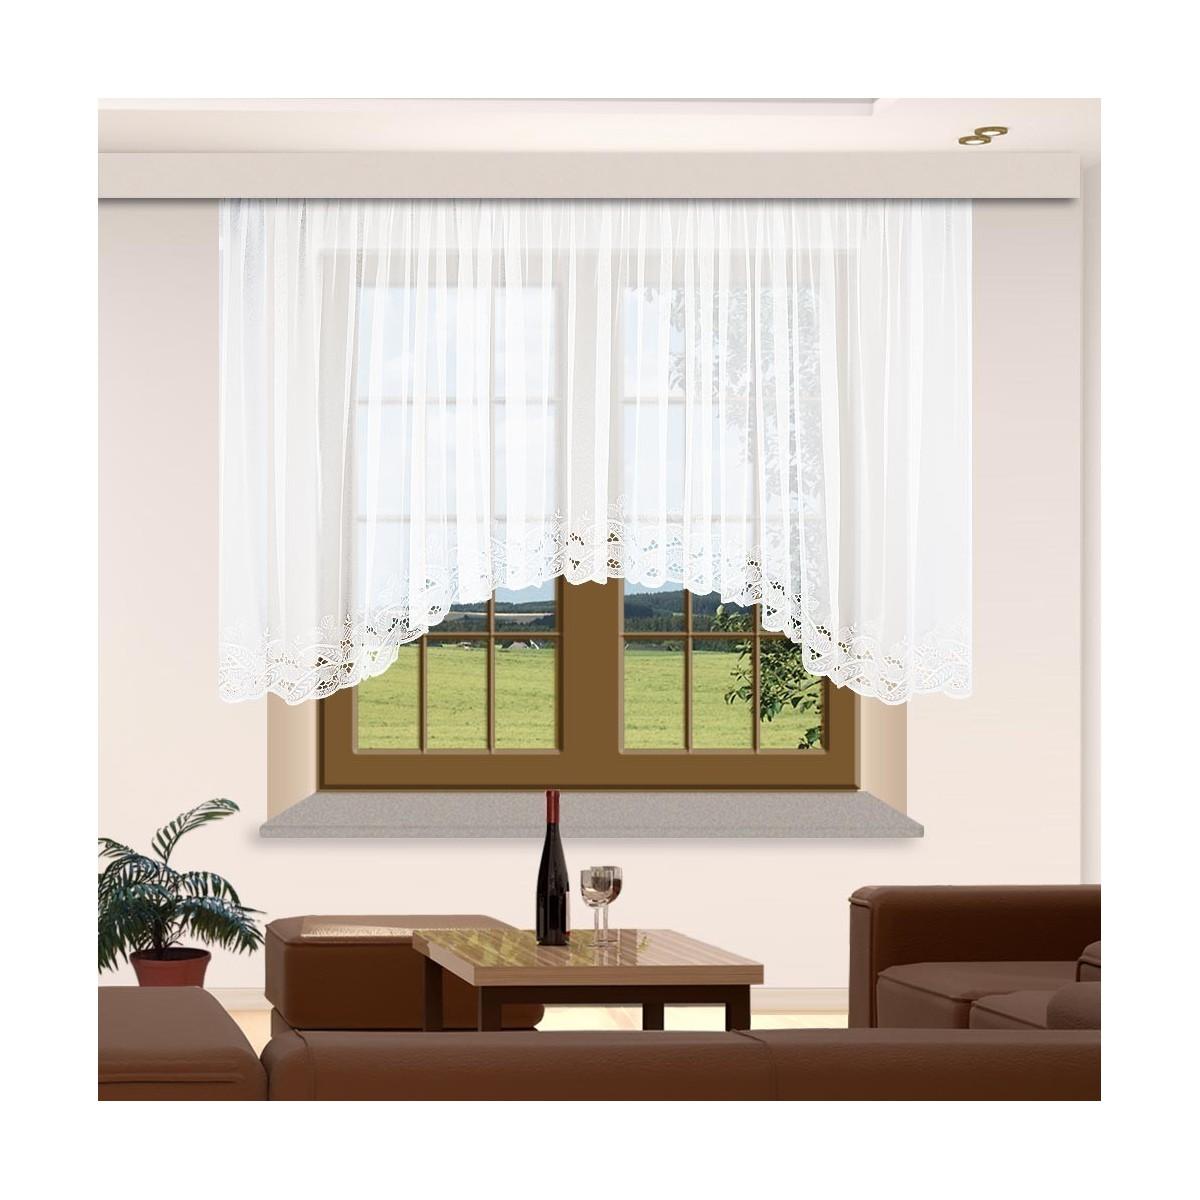 Full Size of Gardinen Stores Spitzen Bogenstore Emilia Wei Für Die Küche Wohnzimmer Bogenlampe Esstisch Scheibengardinen Schlafzimmer Fenster Wohnzimmer Bogen Gardinen